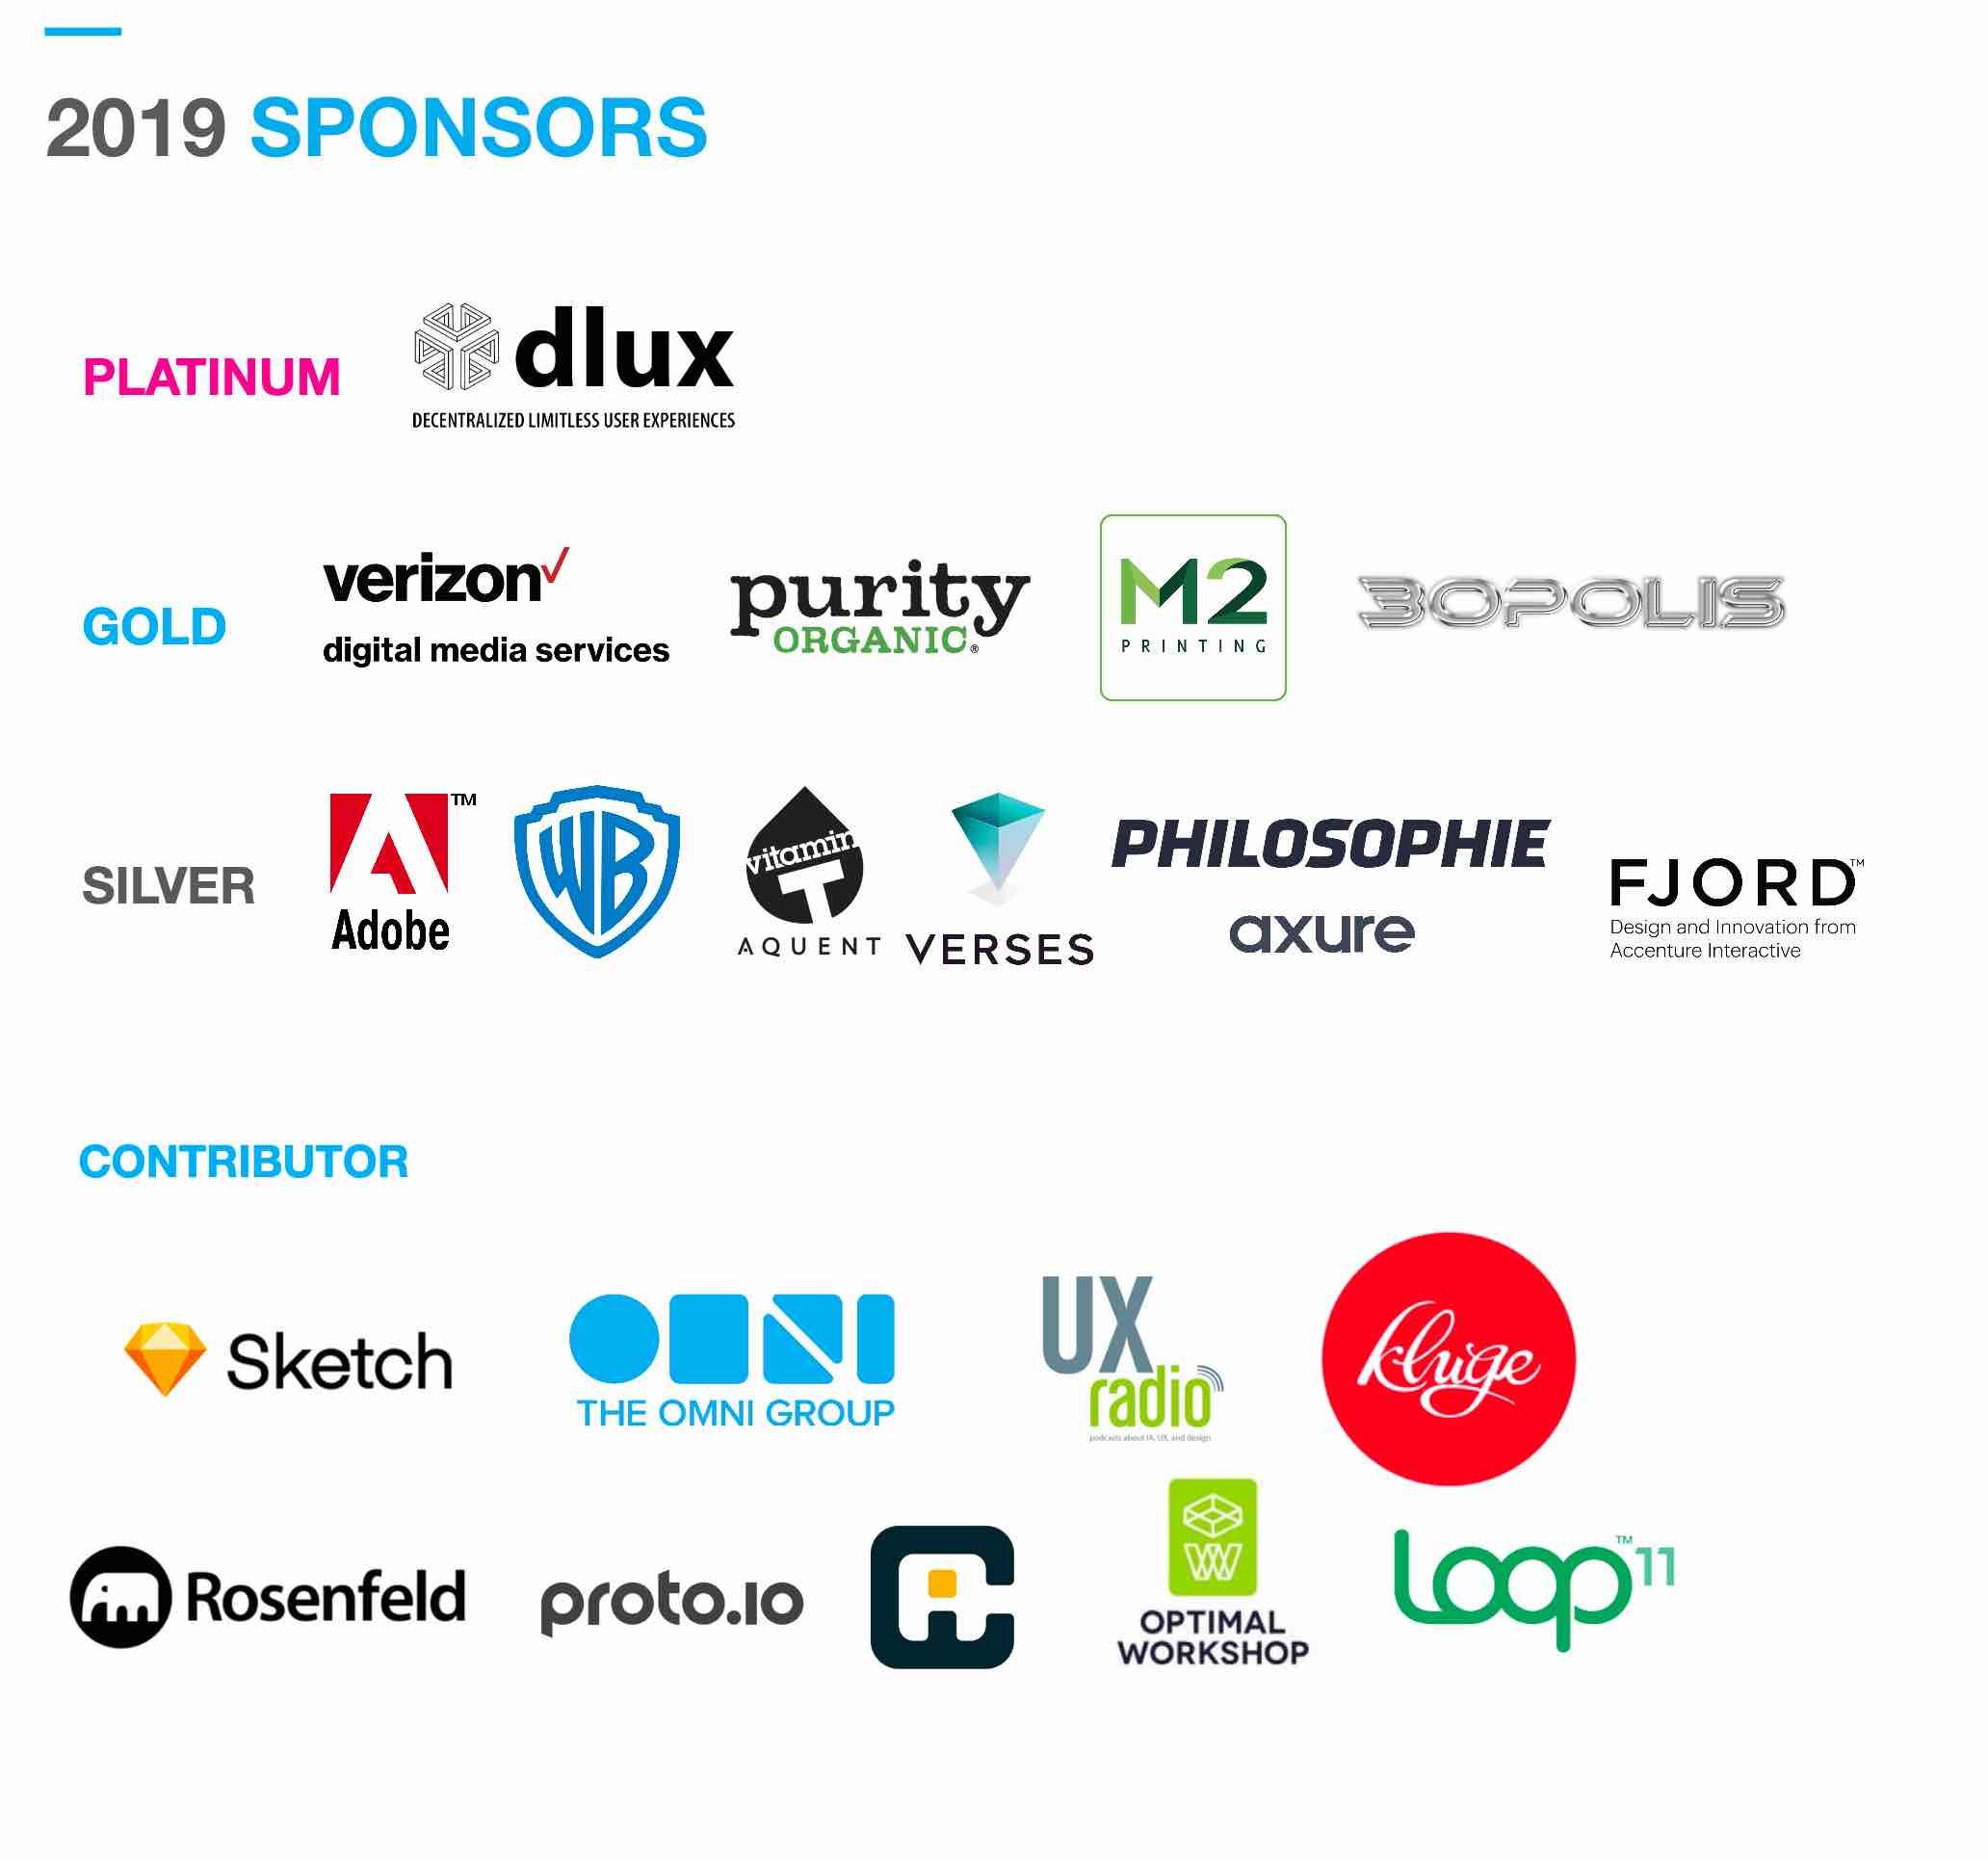 WIAD Los Angeles 2019 Sponsors